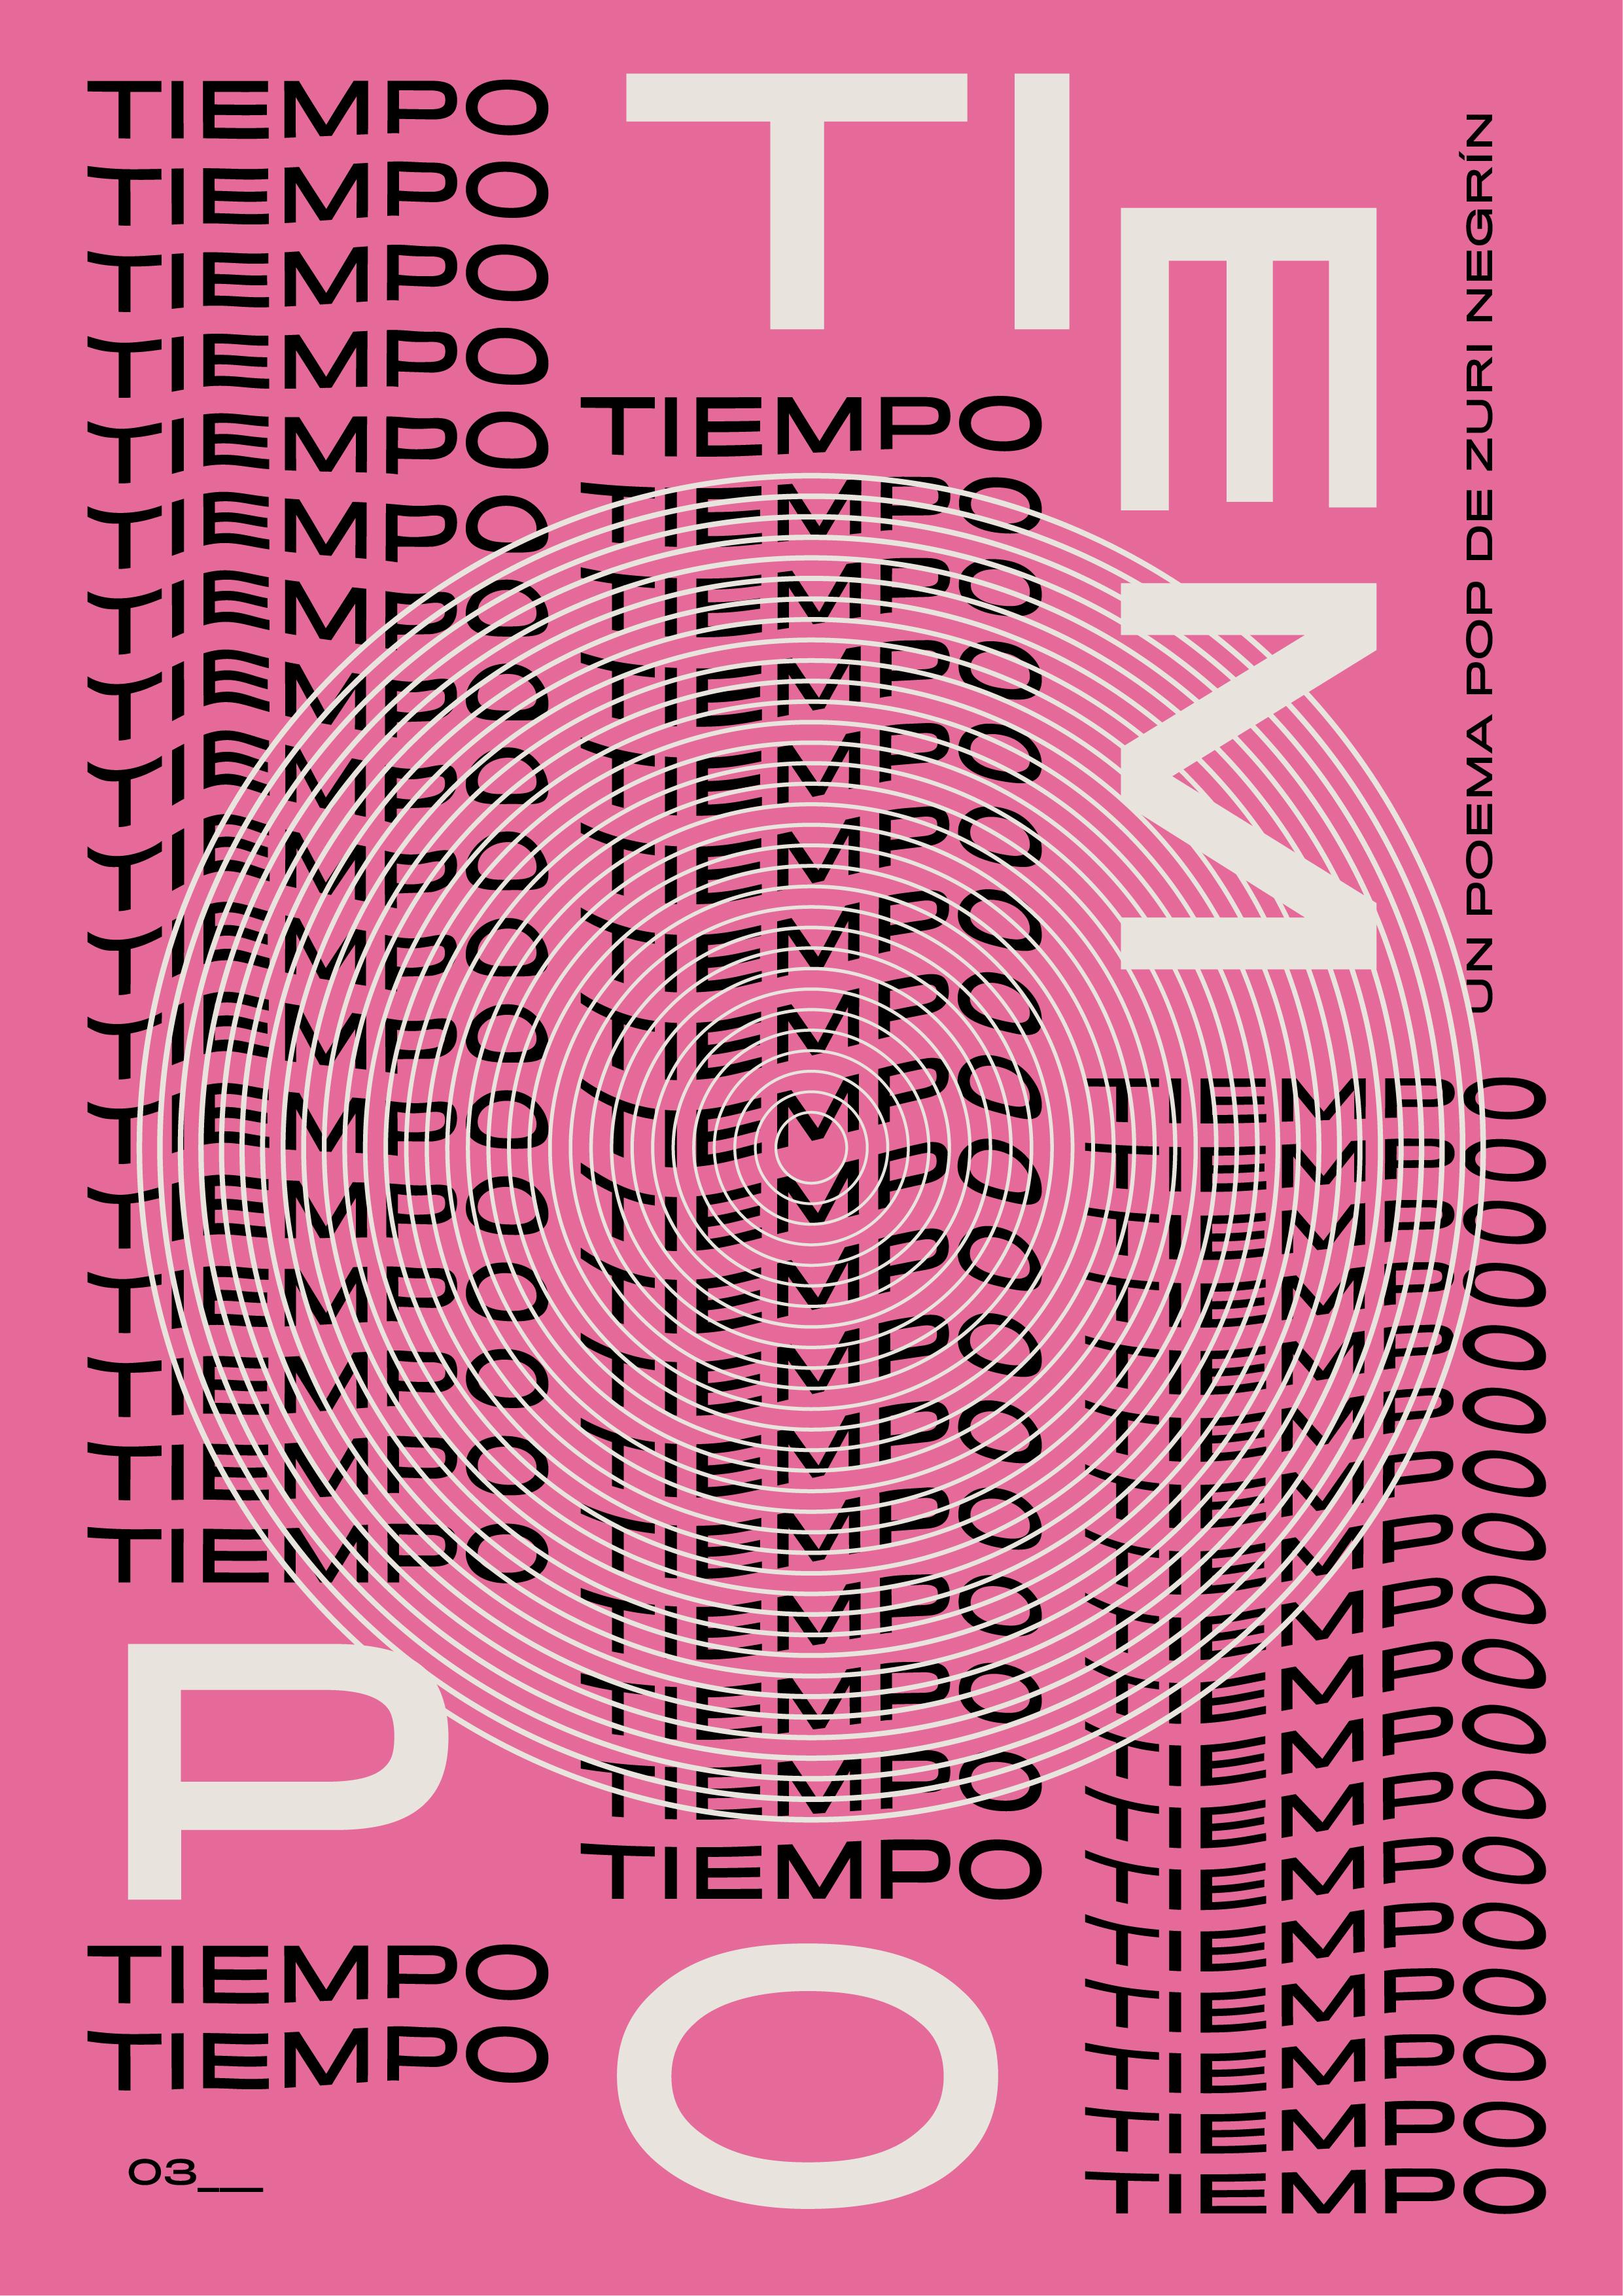 POP_03 Tiempo